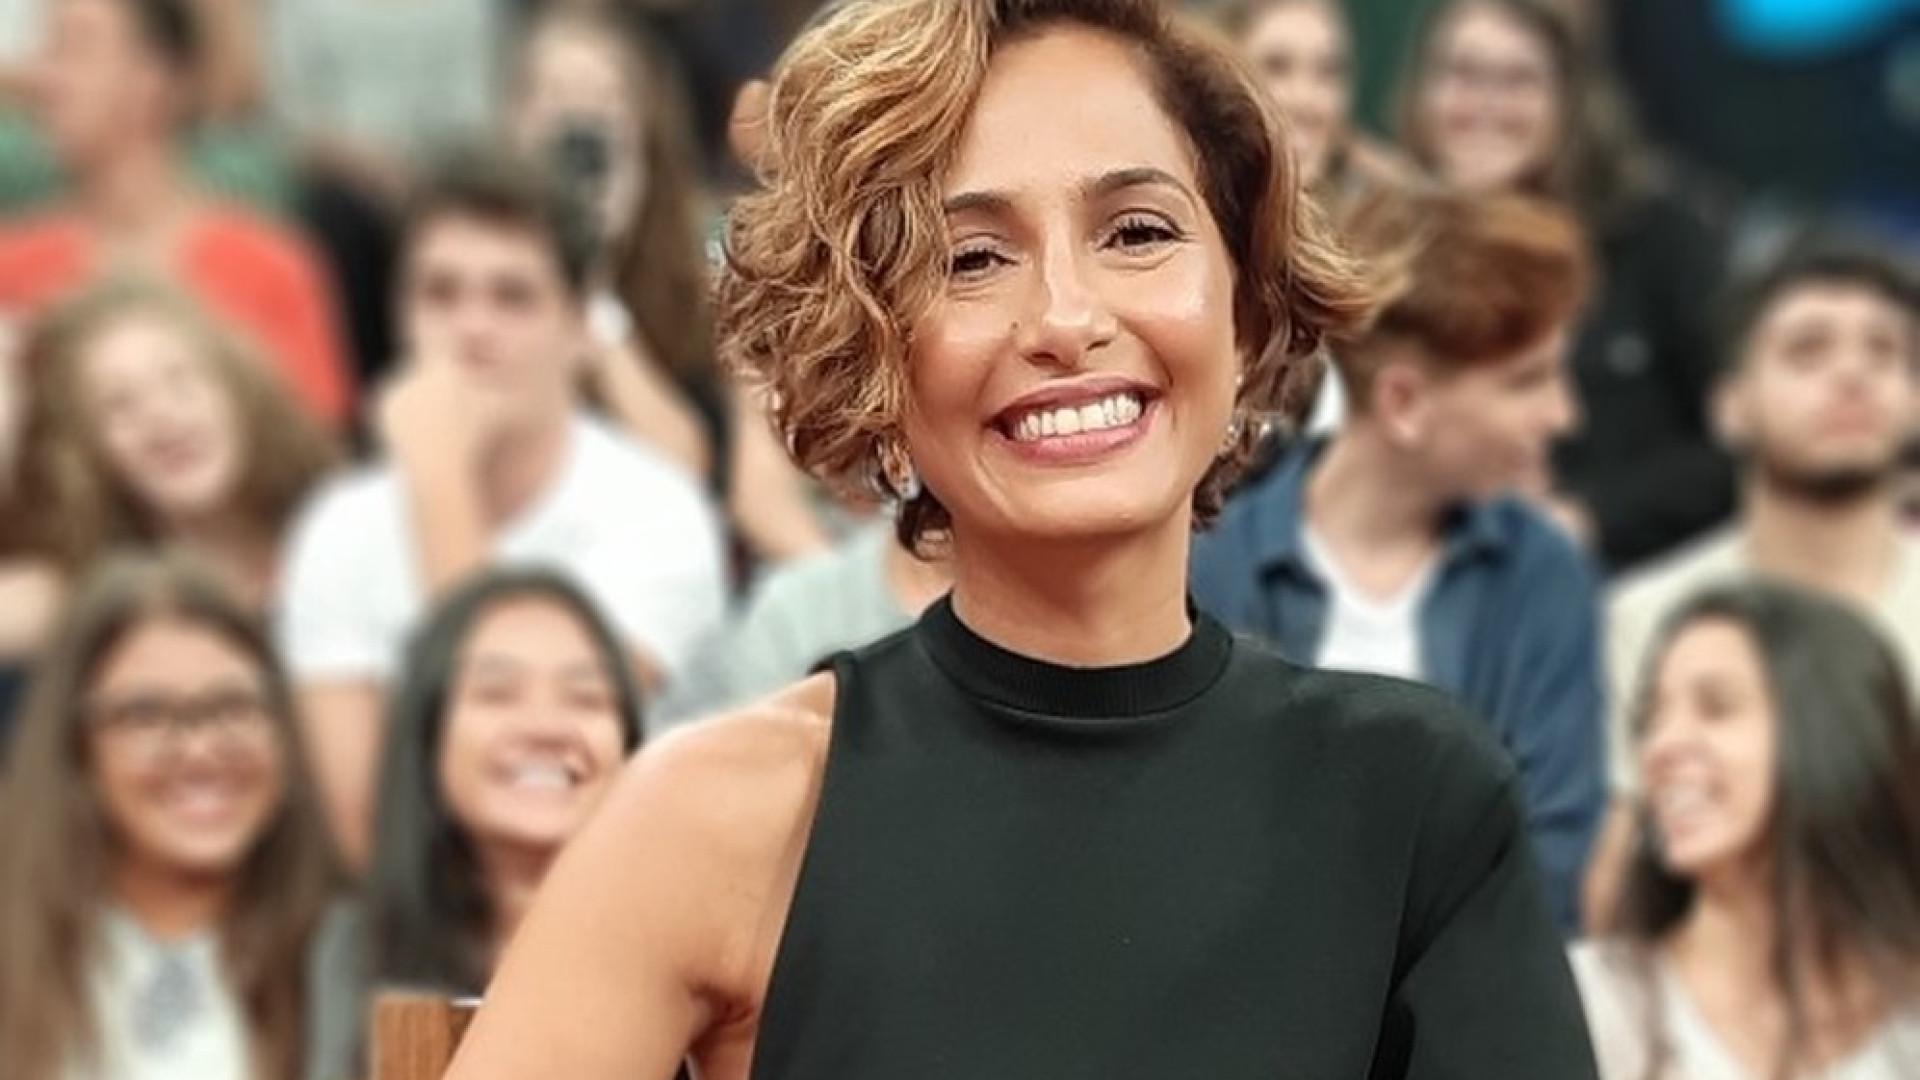 Camila Pitanga fala sobre viver vilã em série: 'Não tem escrúpulo'